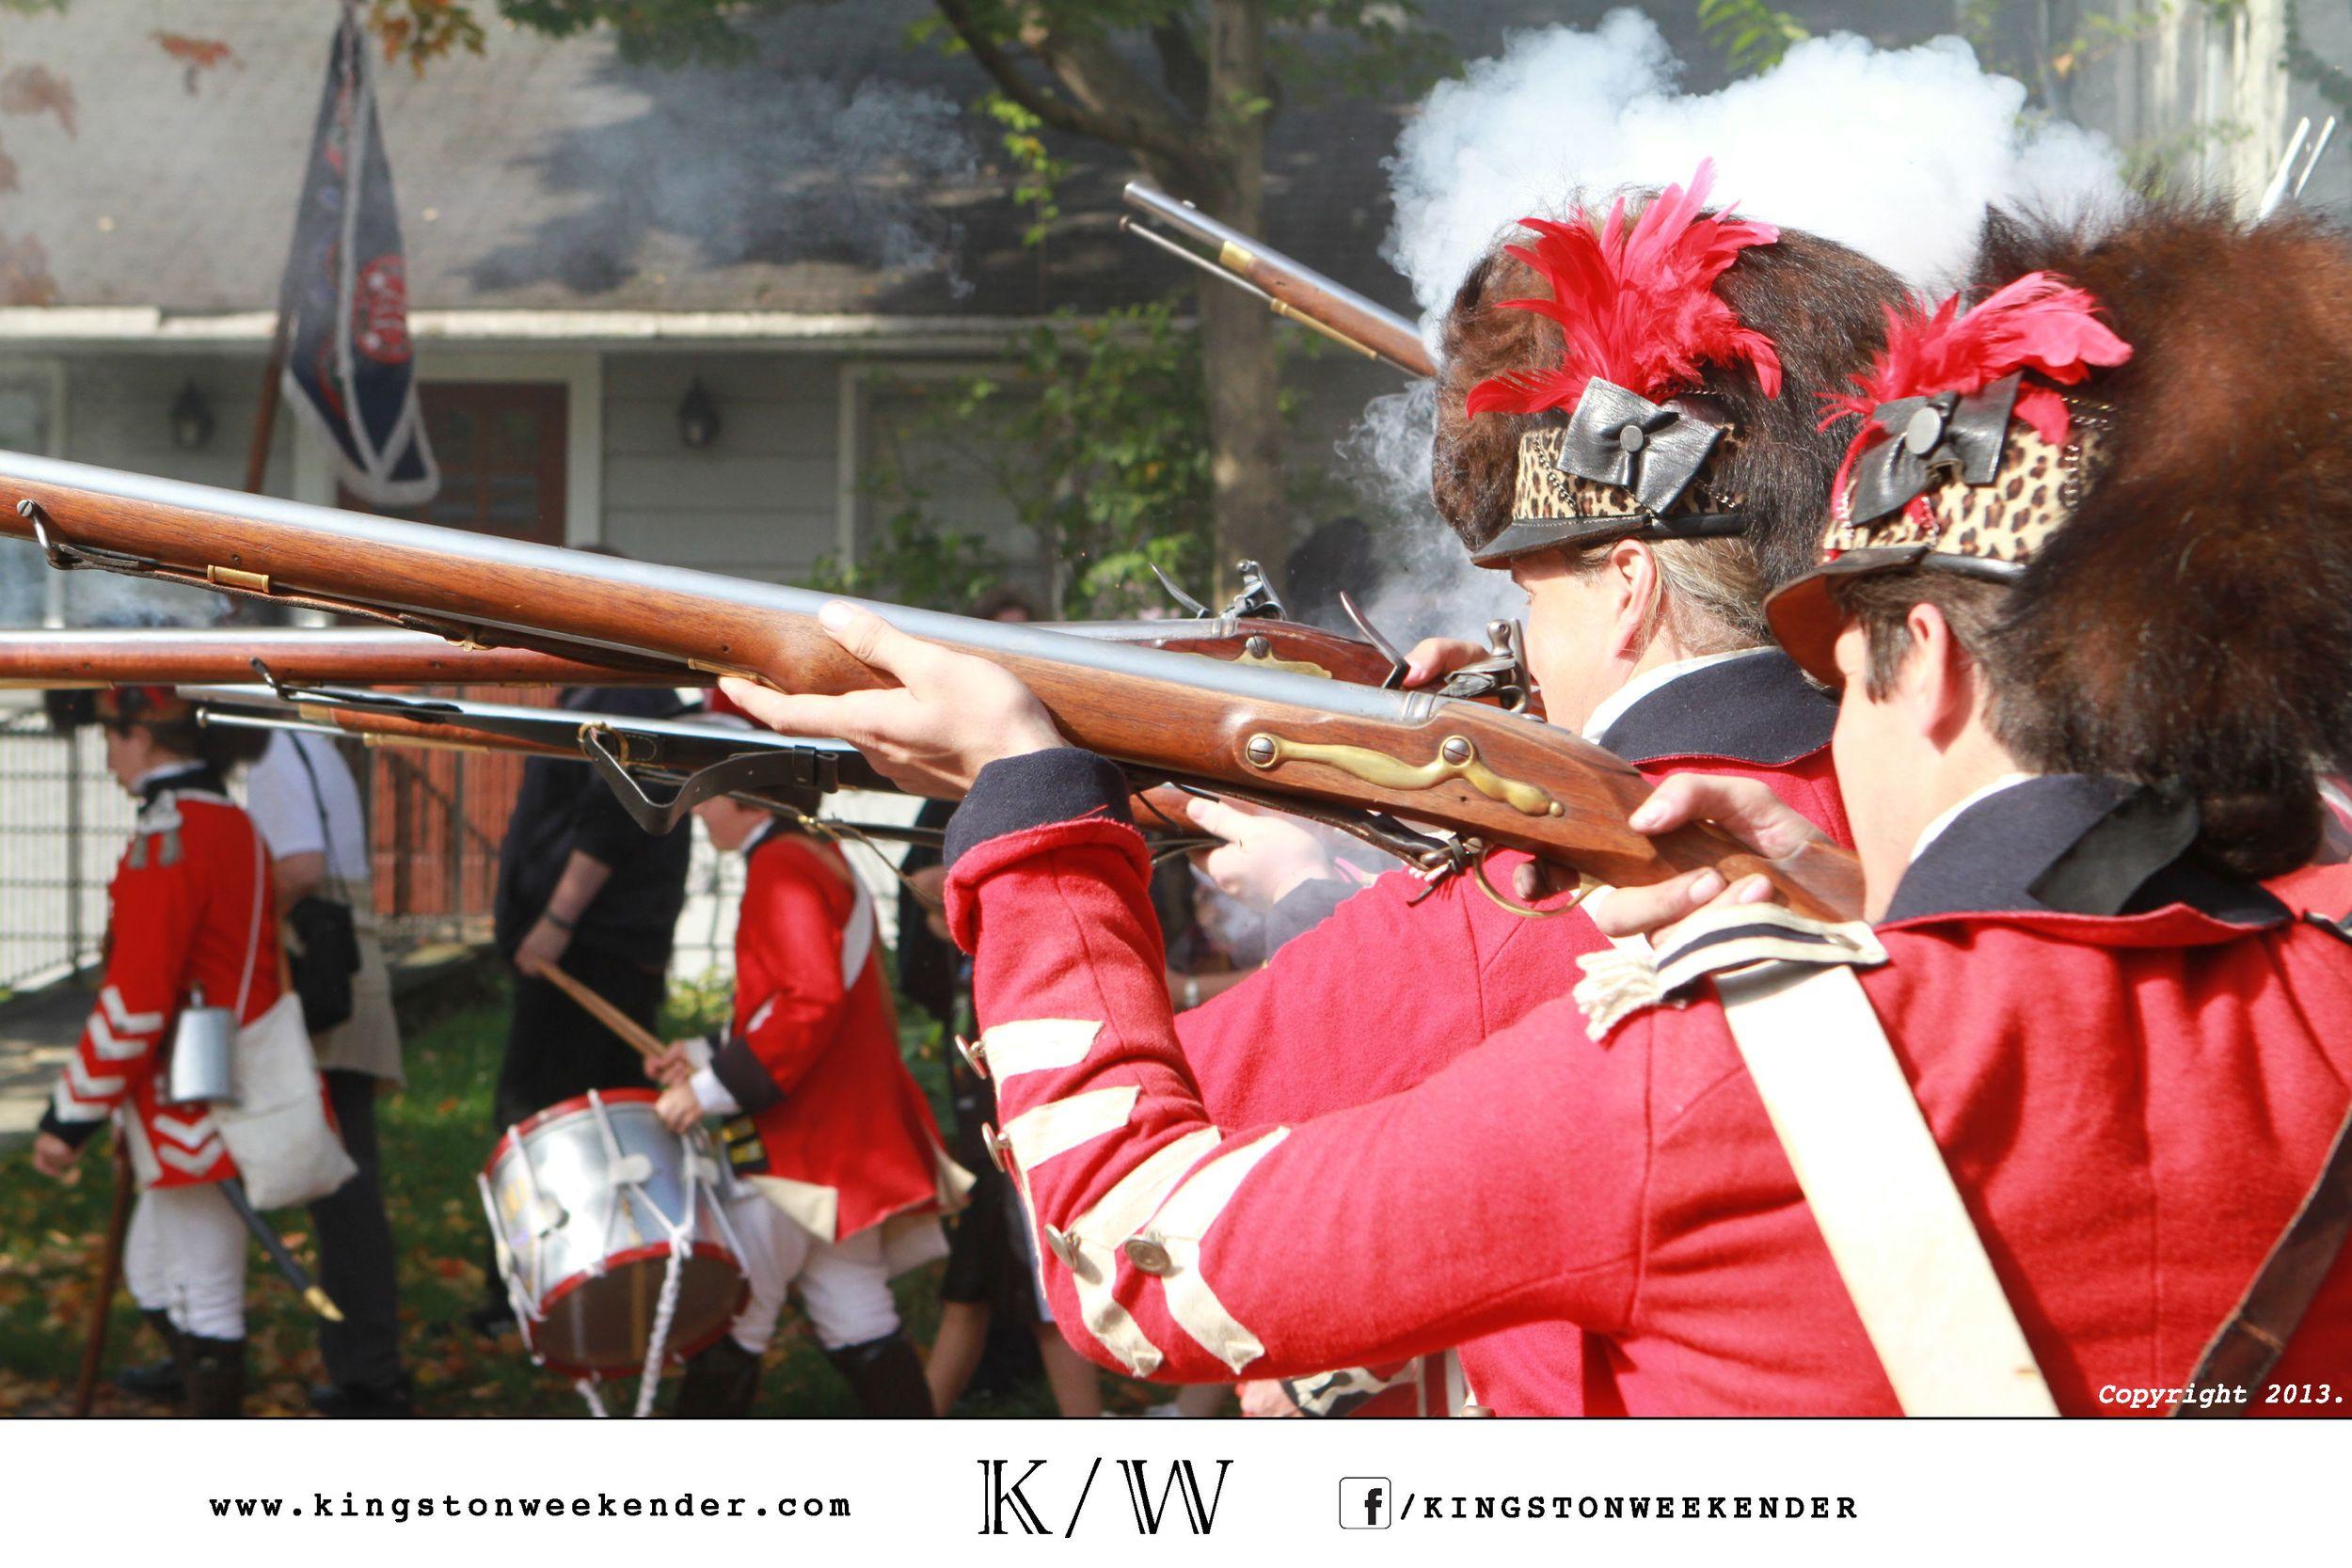 kingston-weekender-photo-credits.jpg